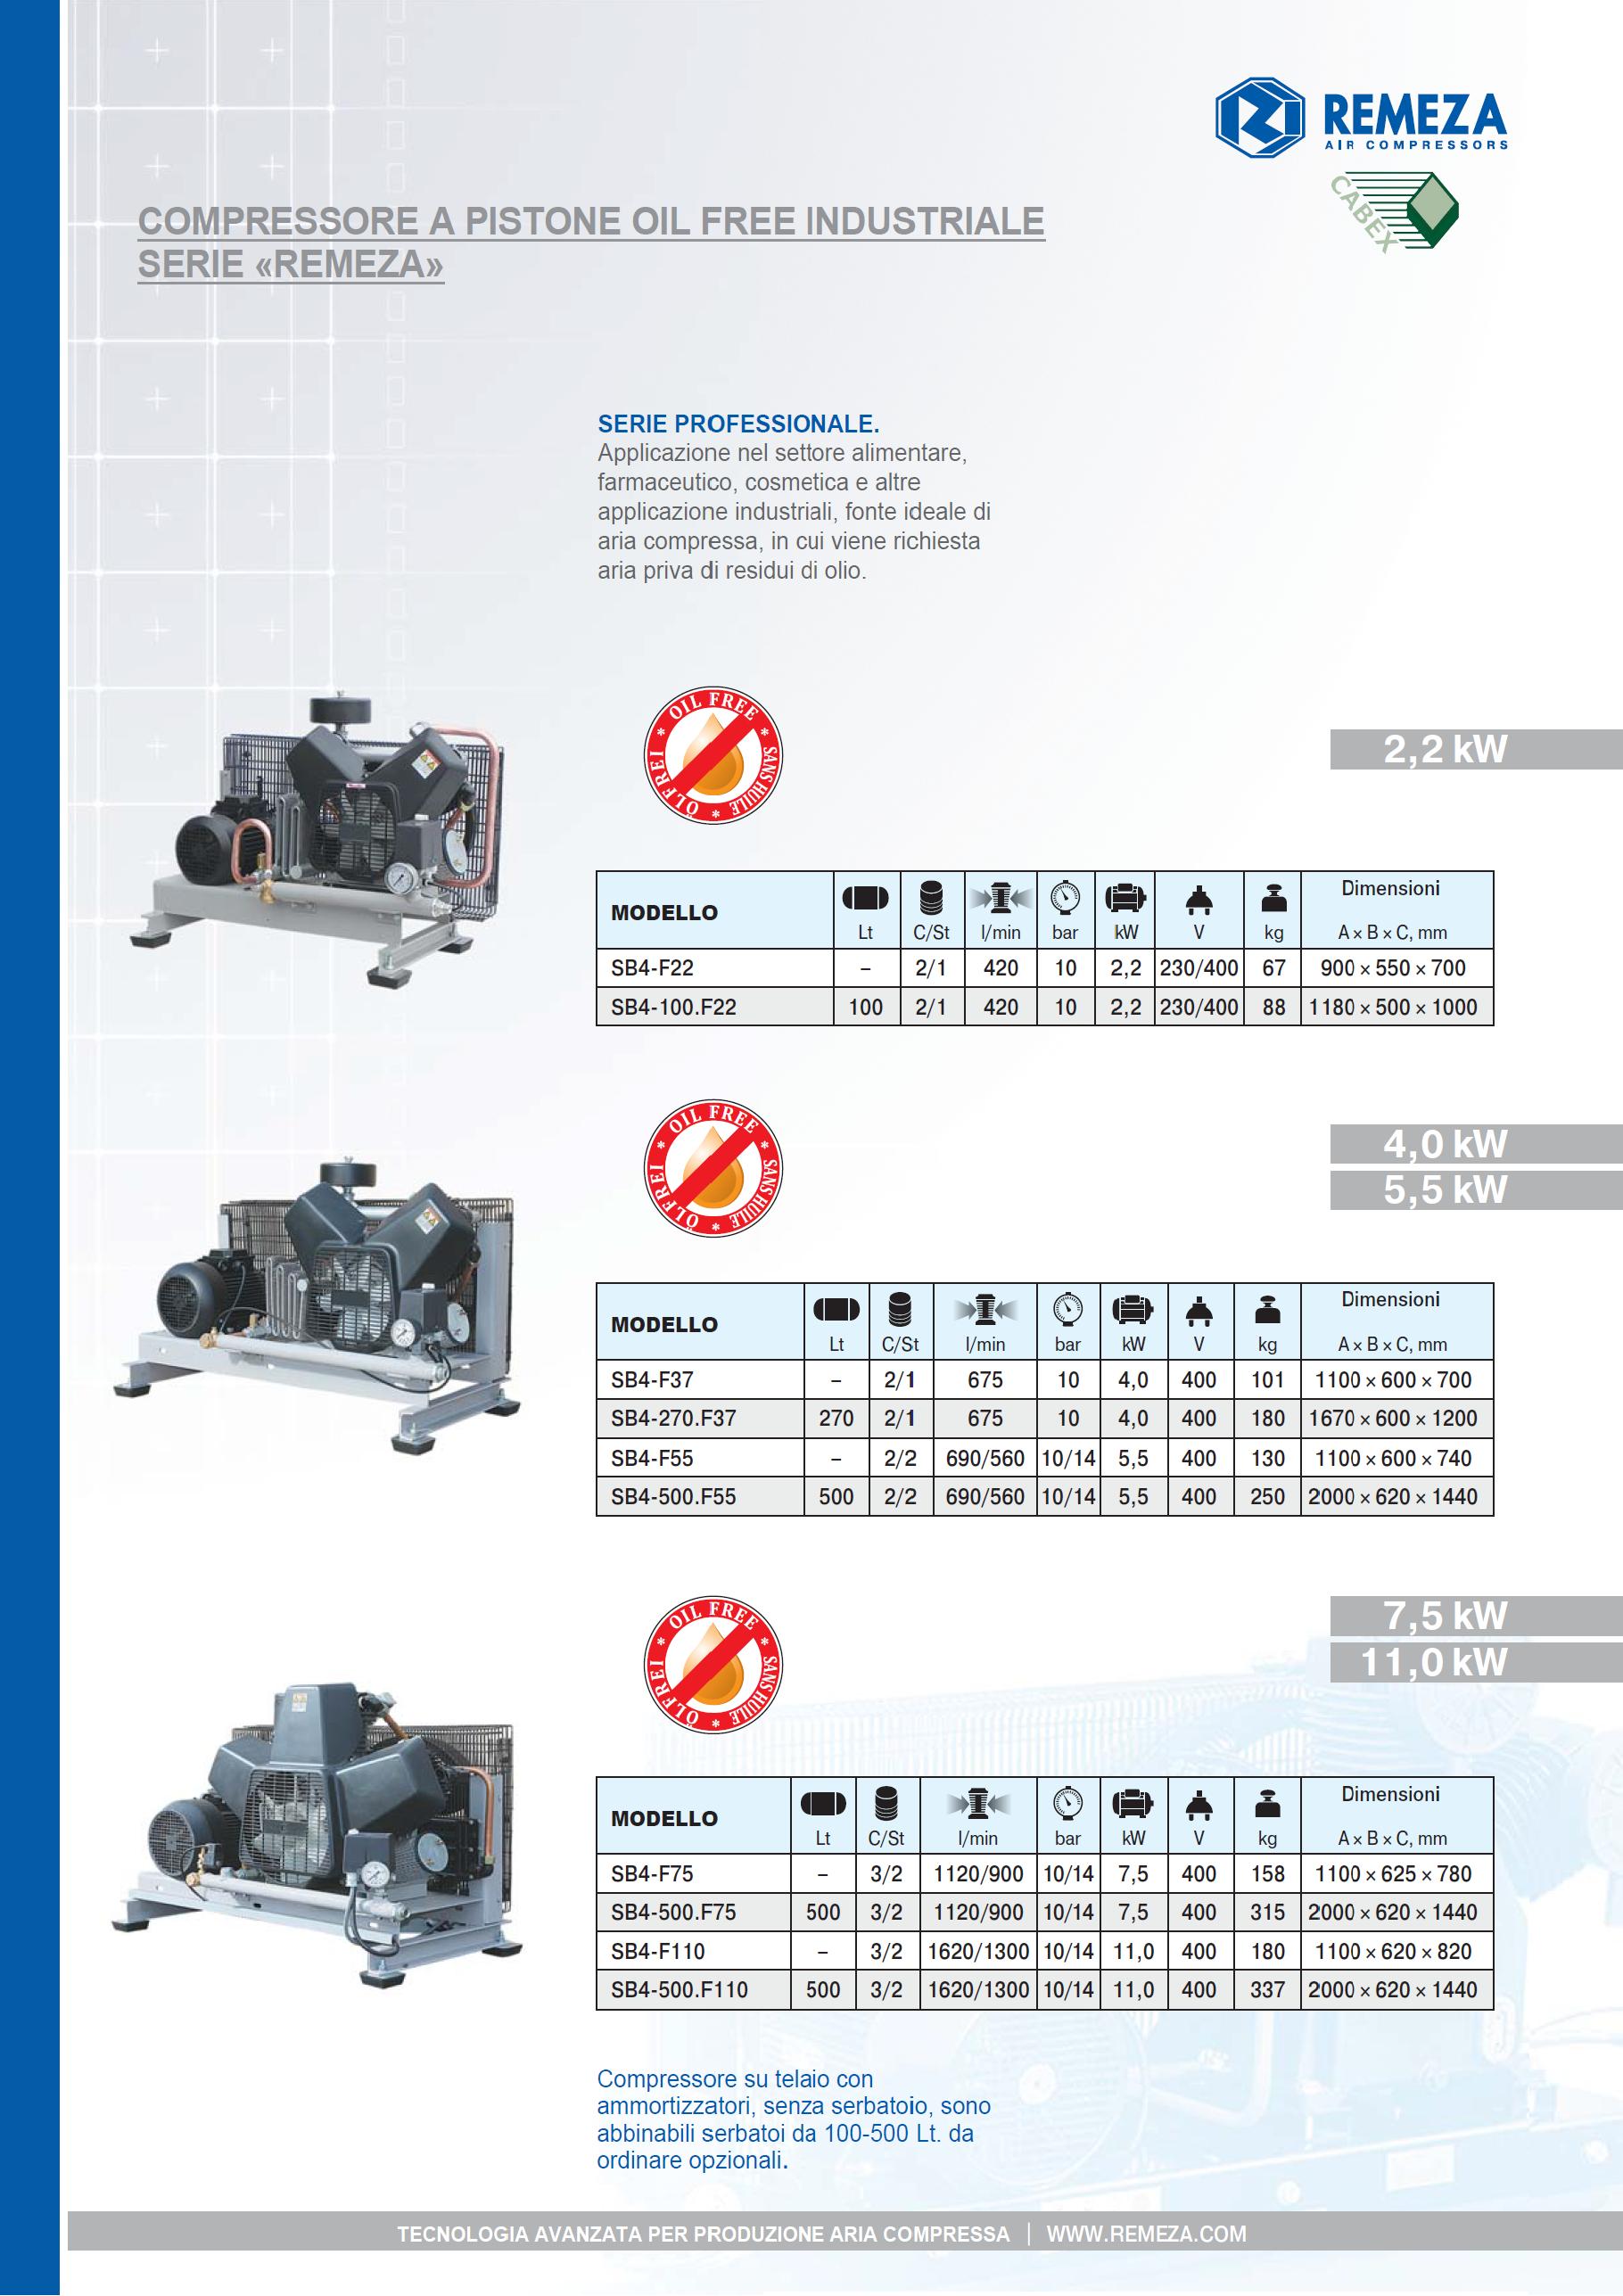 6_compressori-a-pistoni-oil-free-industriali-serie-remeza_pag_1